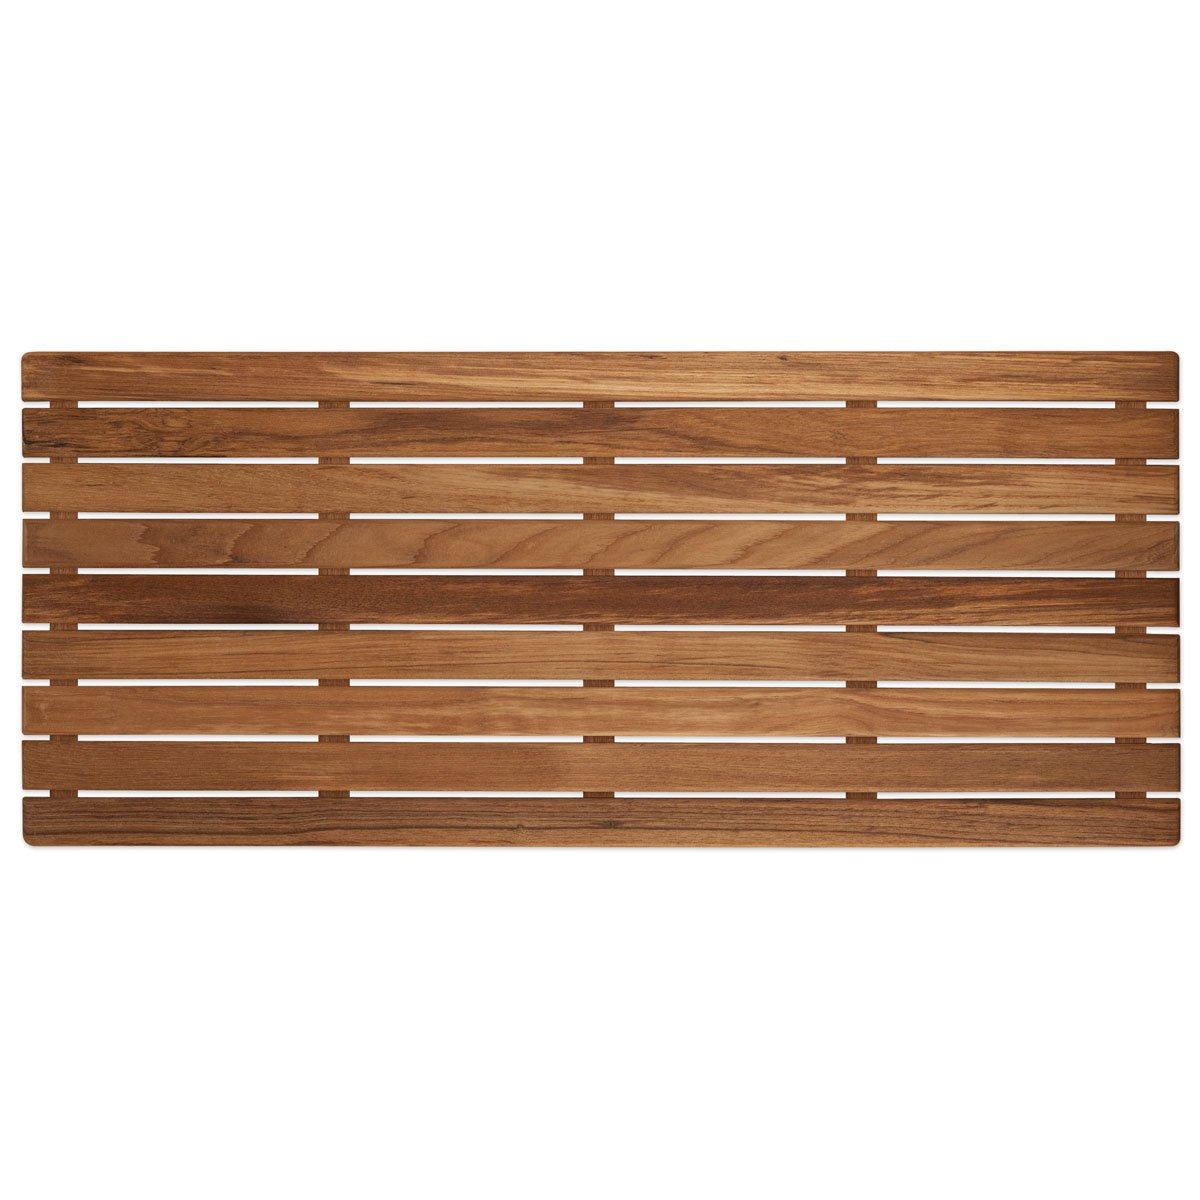 Plantation Teak Shower/Bath Mat (32'' x 14'')